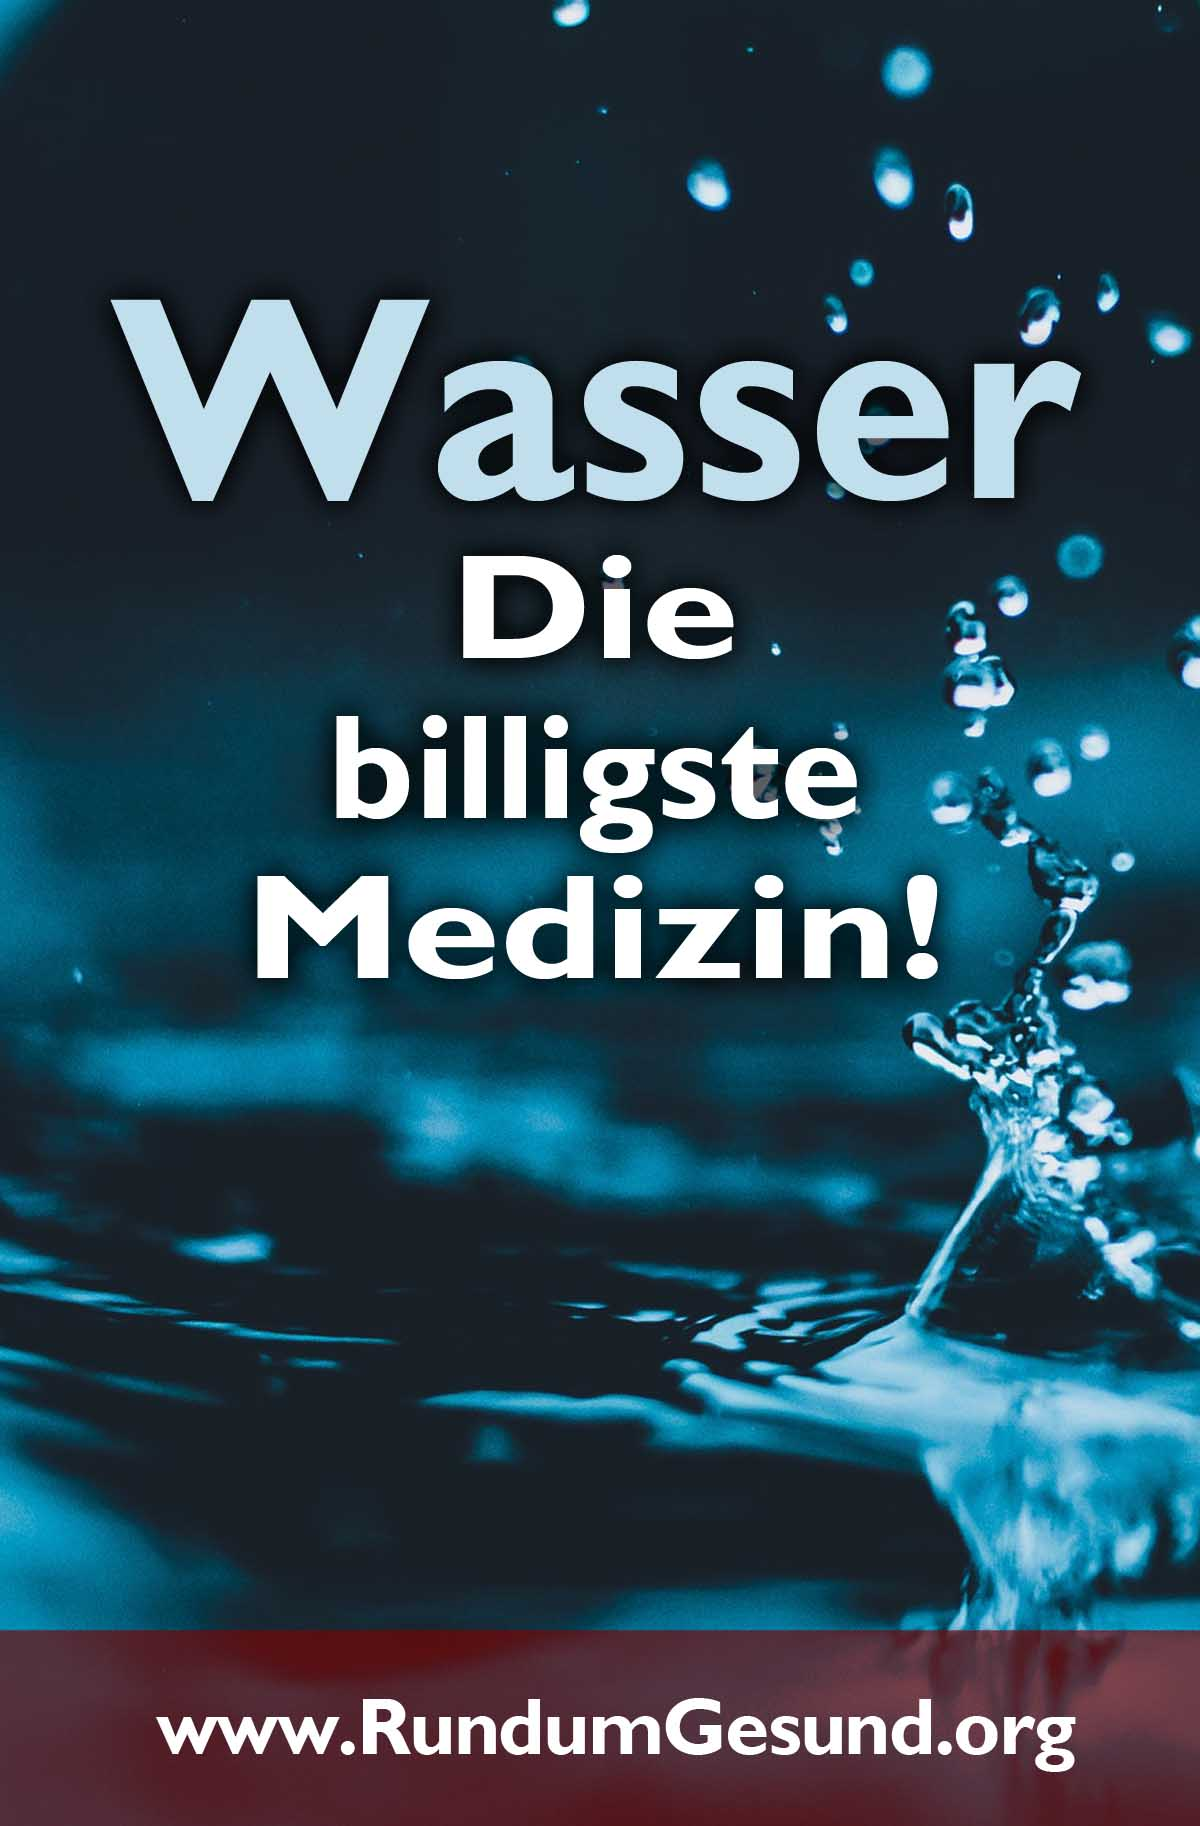 Wasser - die billigste Medizin!